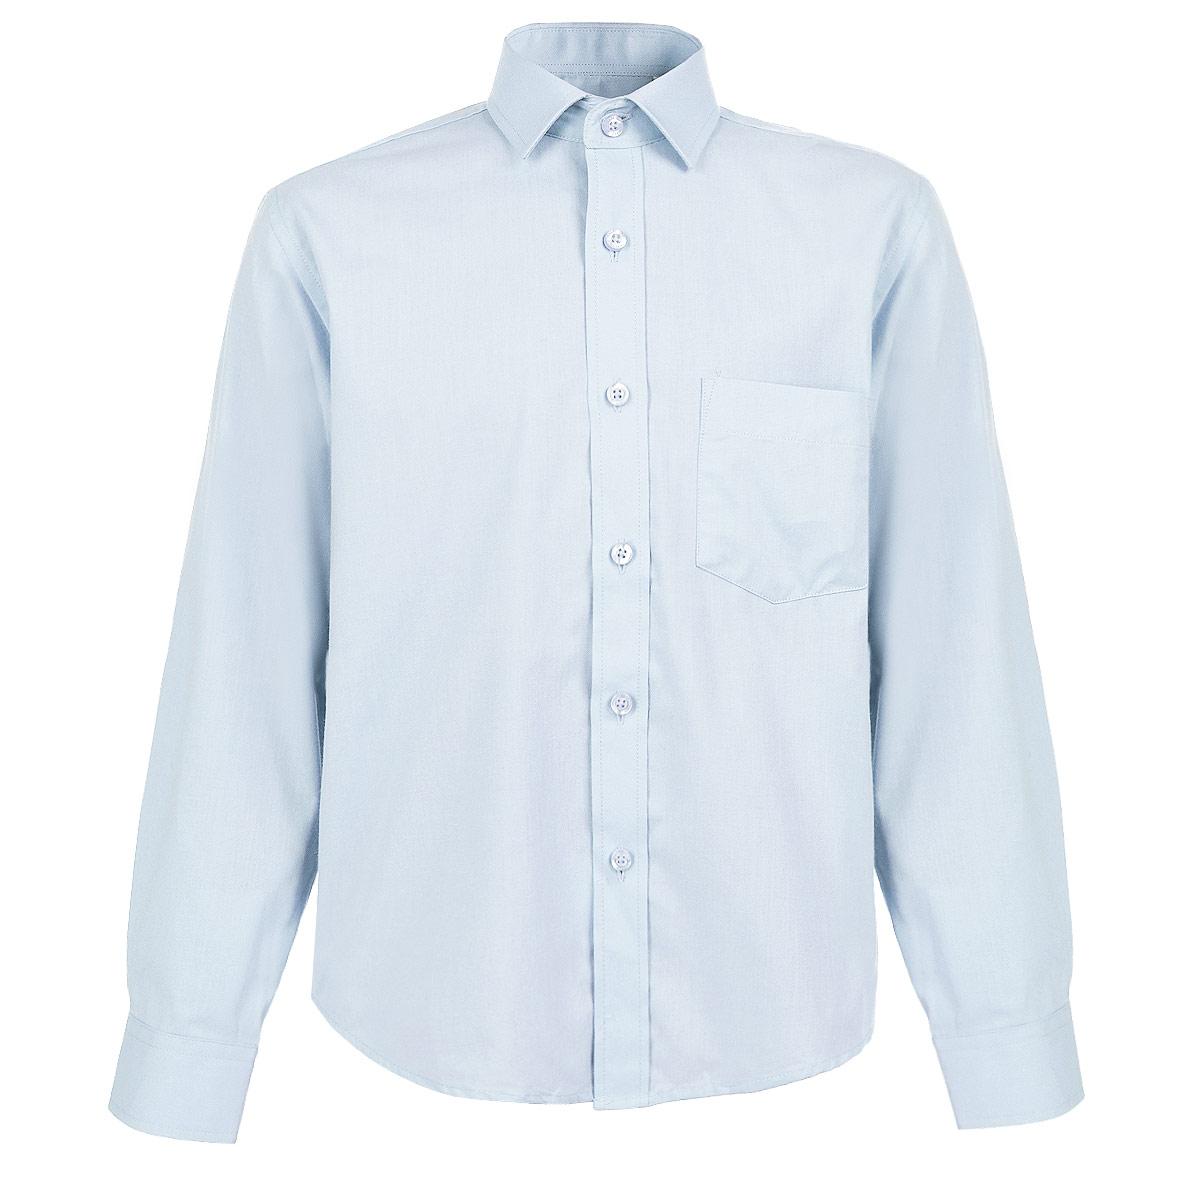 Рубашка для мальчика. 12741274Стильная рубашка для мальчика Tsarevich идеально подойдет вашему юному мужчине. Изготовленная из хлопка с добавлением полиэстера, она мягкая и приятная на ощупь, не сковывает движения и позволяет коже дышать, не раздражает даже самую нежную и чувствительную кожу ребенка, обеспечивая ему наибольший комфорт. Однотонная рубашка классического кроя с длинными рукавами и отложным воротничком застегивается по всей длине на пуговицы. На груди она дополнена накладным карманом. Края рукавов дополнены широкими манжетами на пуговицах. Низ изделия немного закруглен к боковым швам. Такая рубашка будет прекрасно смотреться с брюками и джинсами. Она станет неотъемлемой частью детского гардероба.